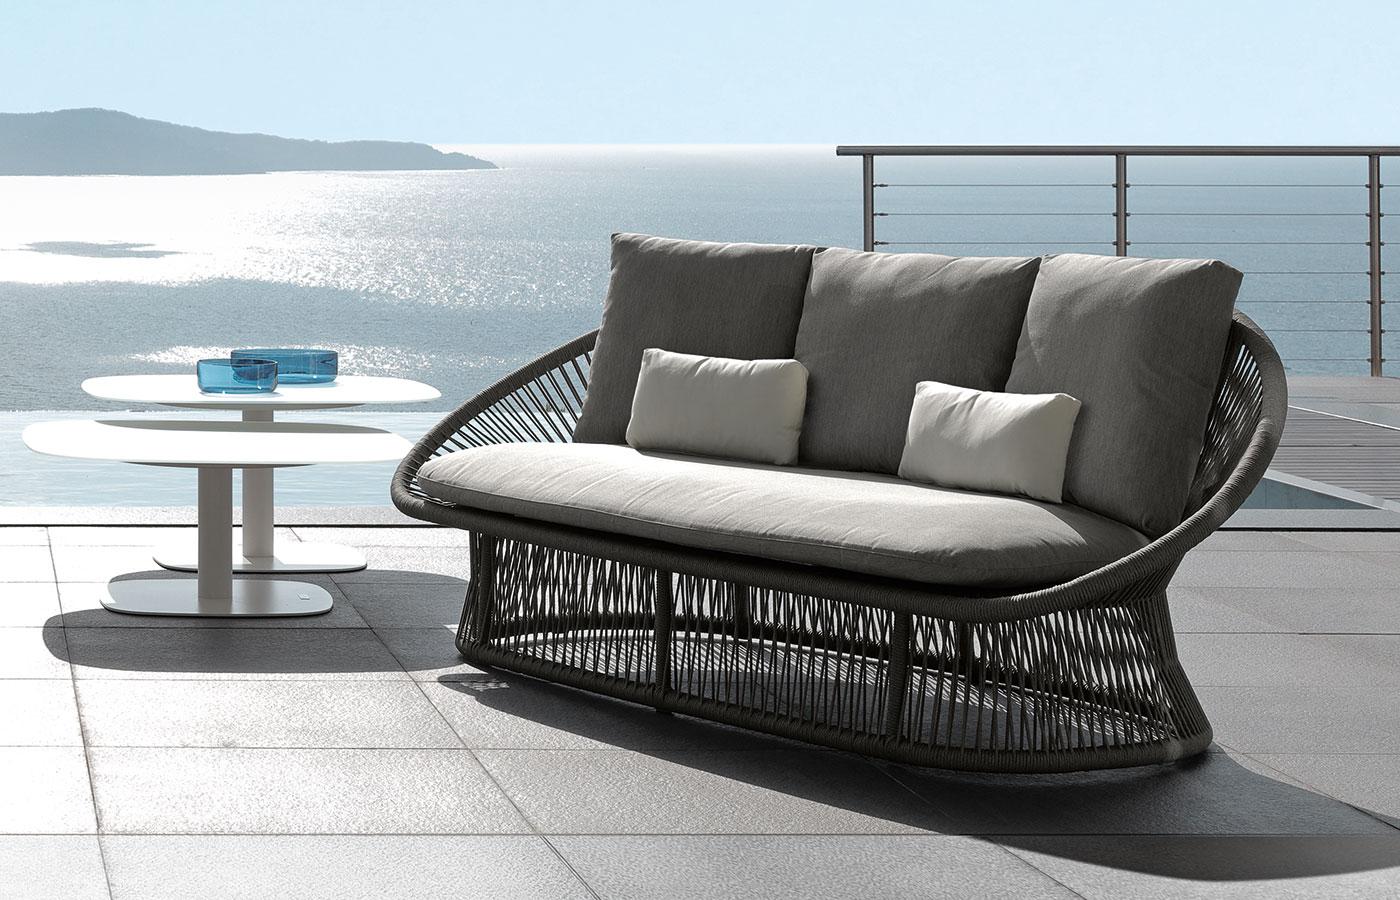 Rope divano da giardino italy dream design - Divano da giardino ...